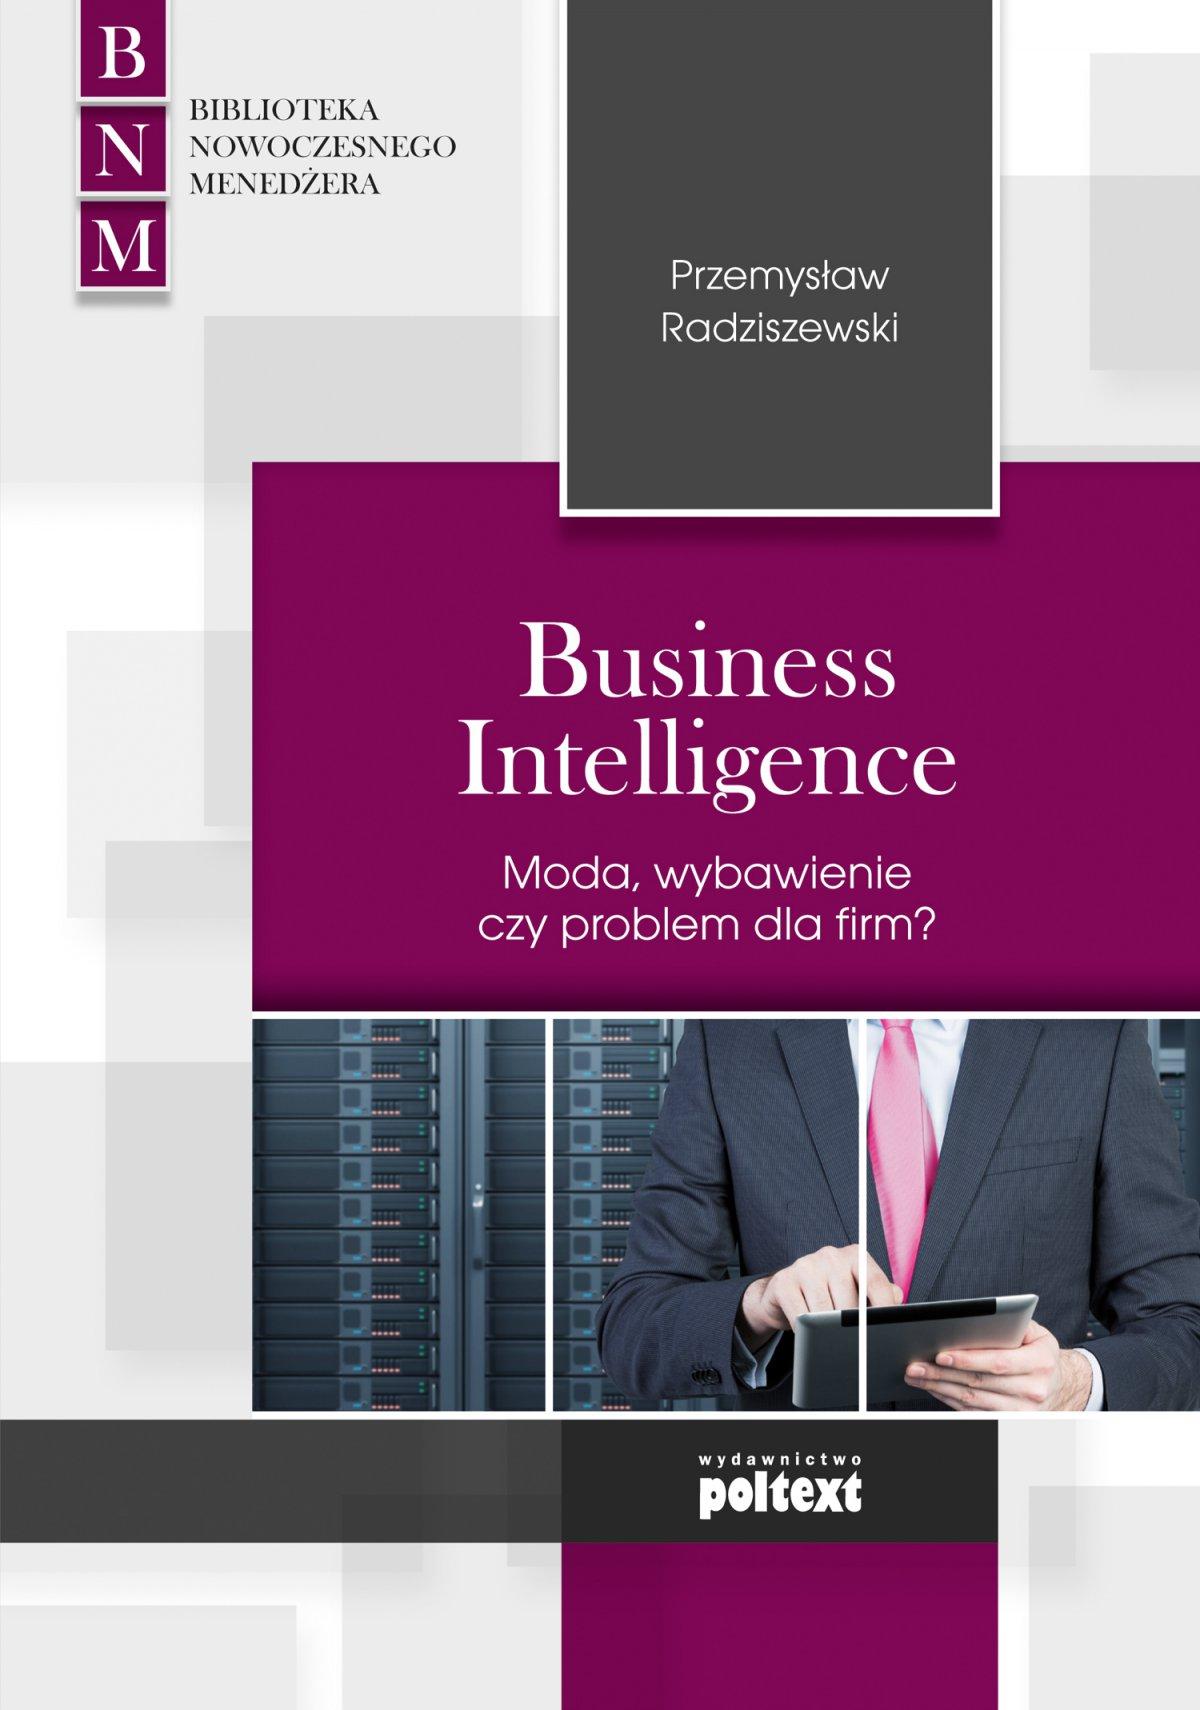 Business Intelligence Moda, wybawienie czy problem dla firm? - Ebook (Książka EPUB) do pobrania w formacie EPUB